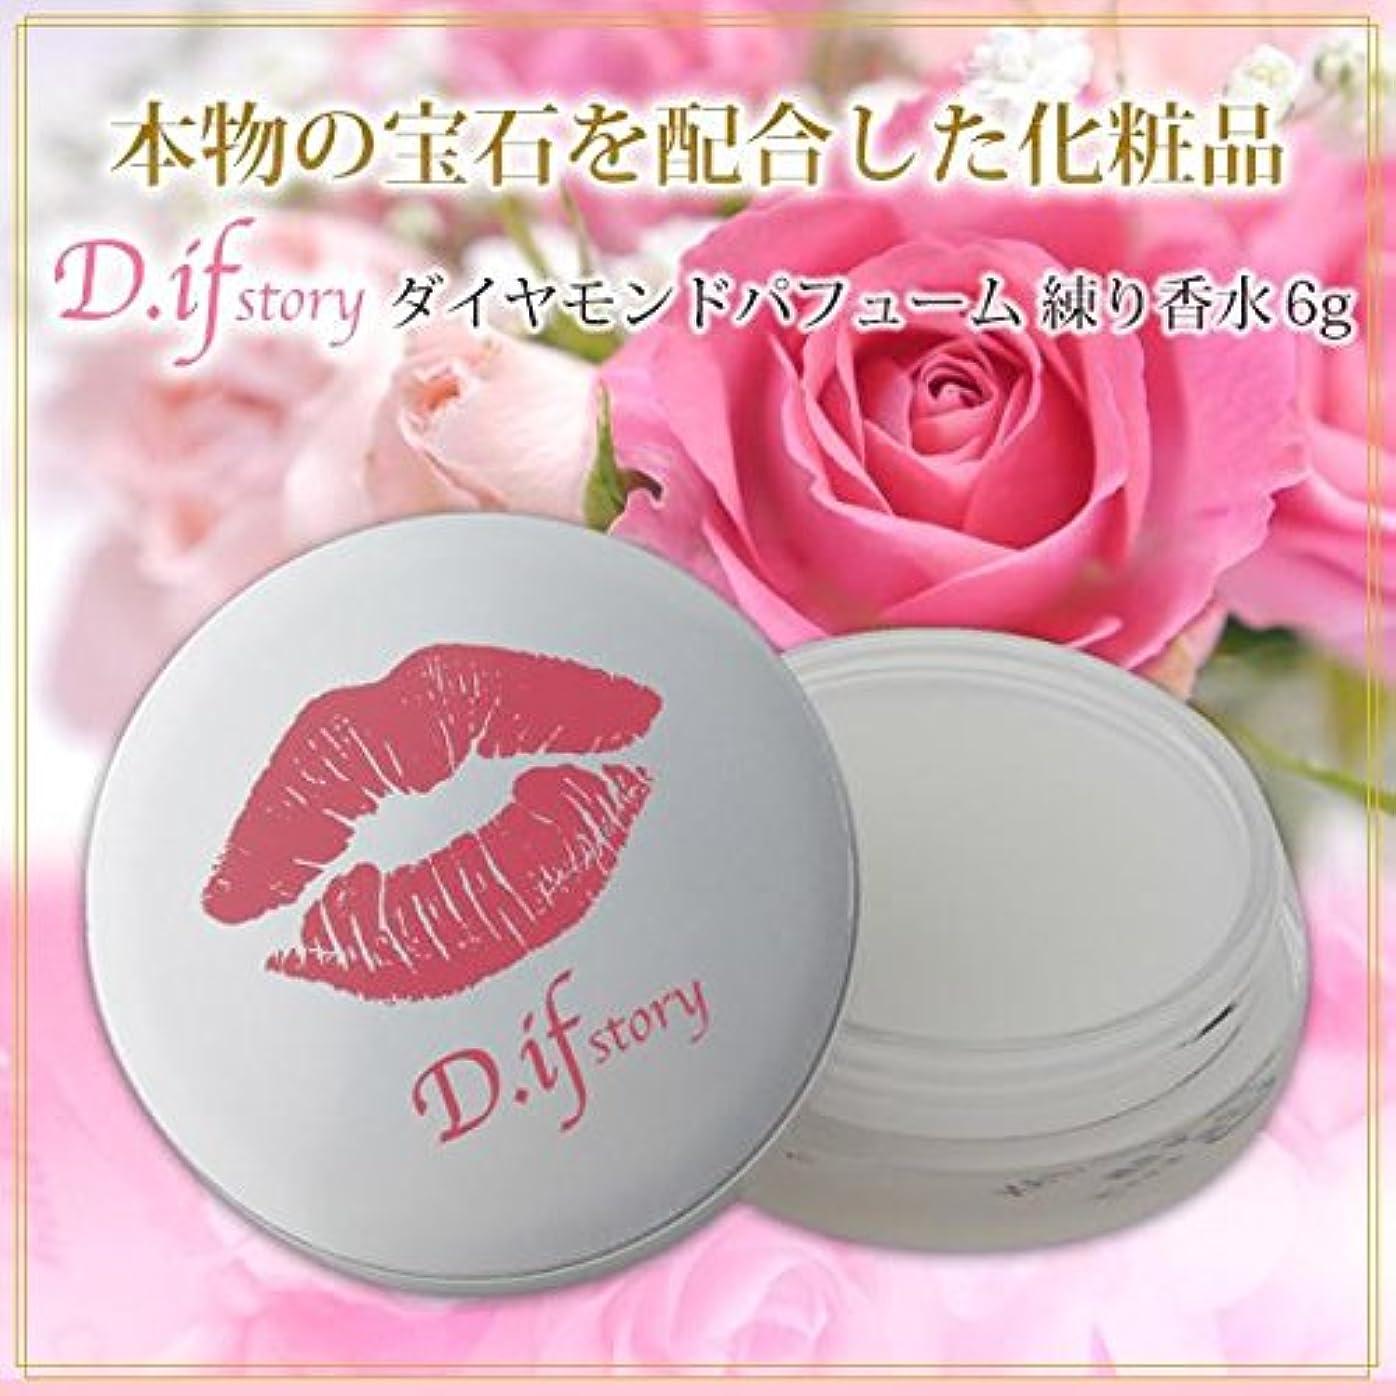 ノーブル乙女アームストロング本物の宝石を配合した化粧品!D.ifstory (ディフストーリー) ダイヤモンドパフューム 練り香水 6g【人気 おすすめ 】